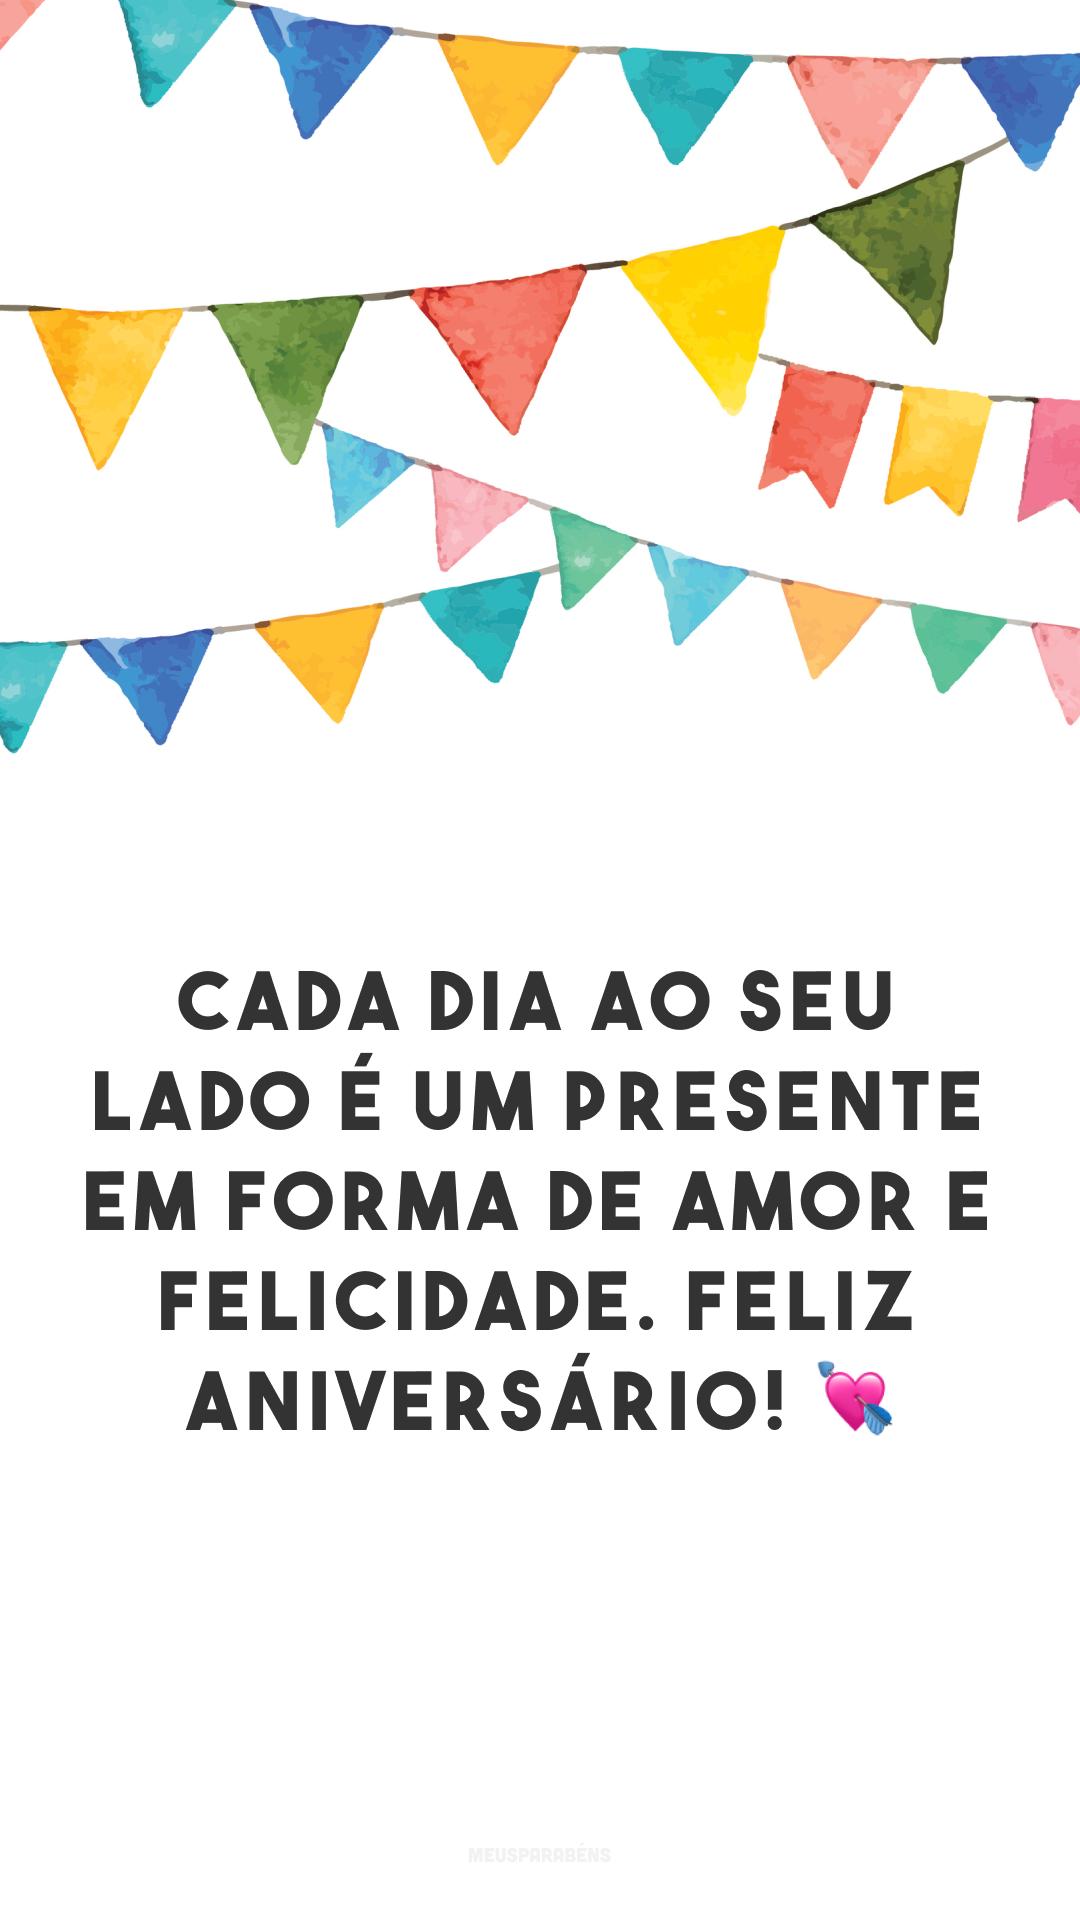 Cada dia ao seu lado é um presente em forma de amor e felicidade. Feliz aniversário! 💘